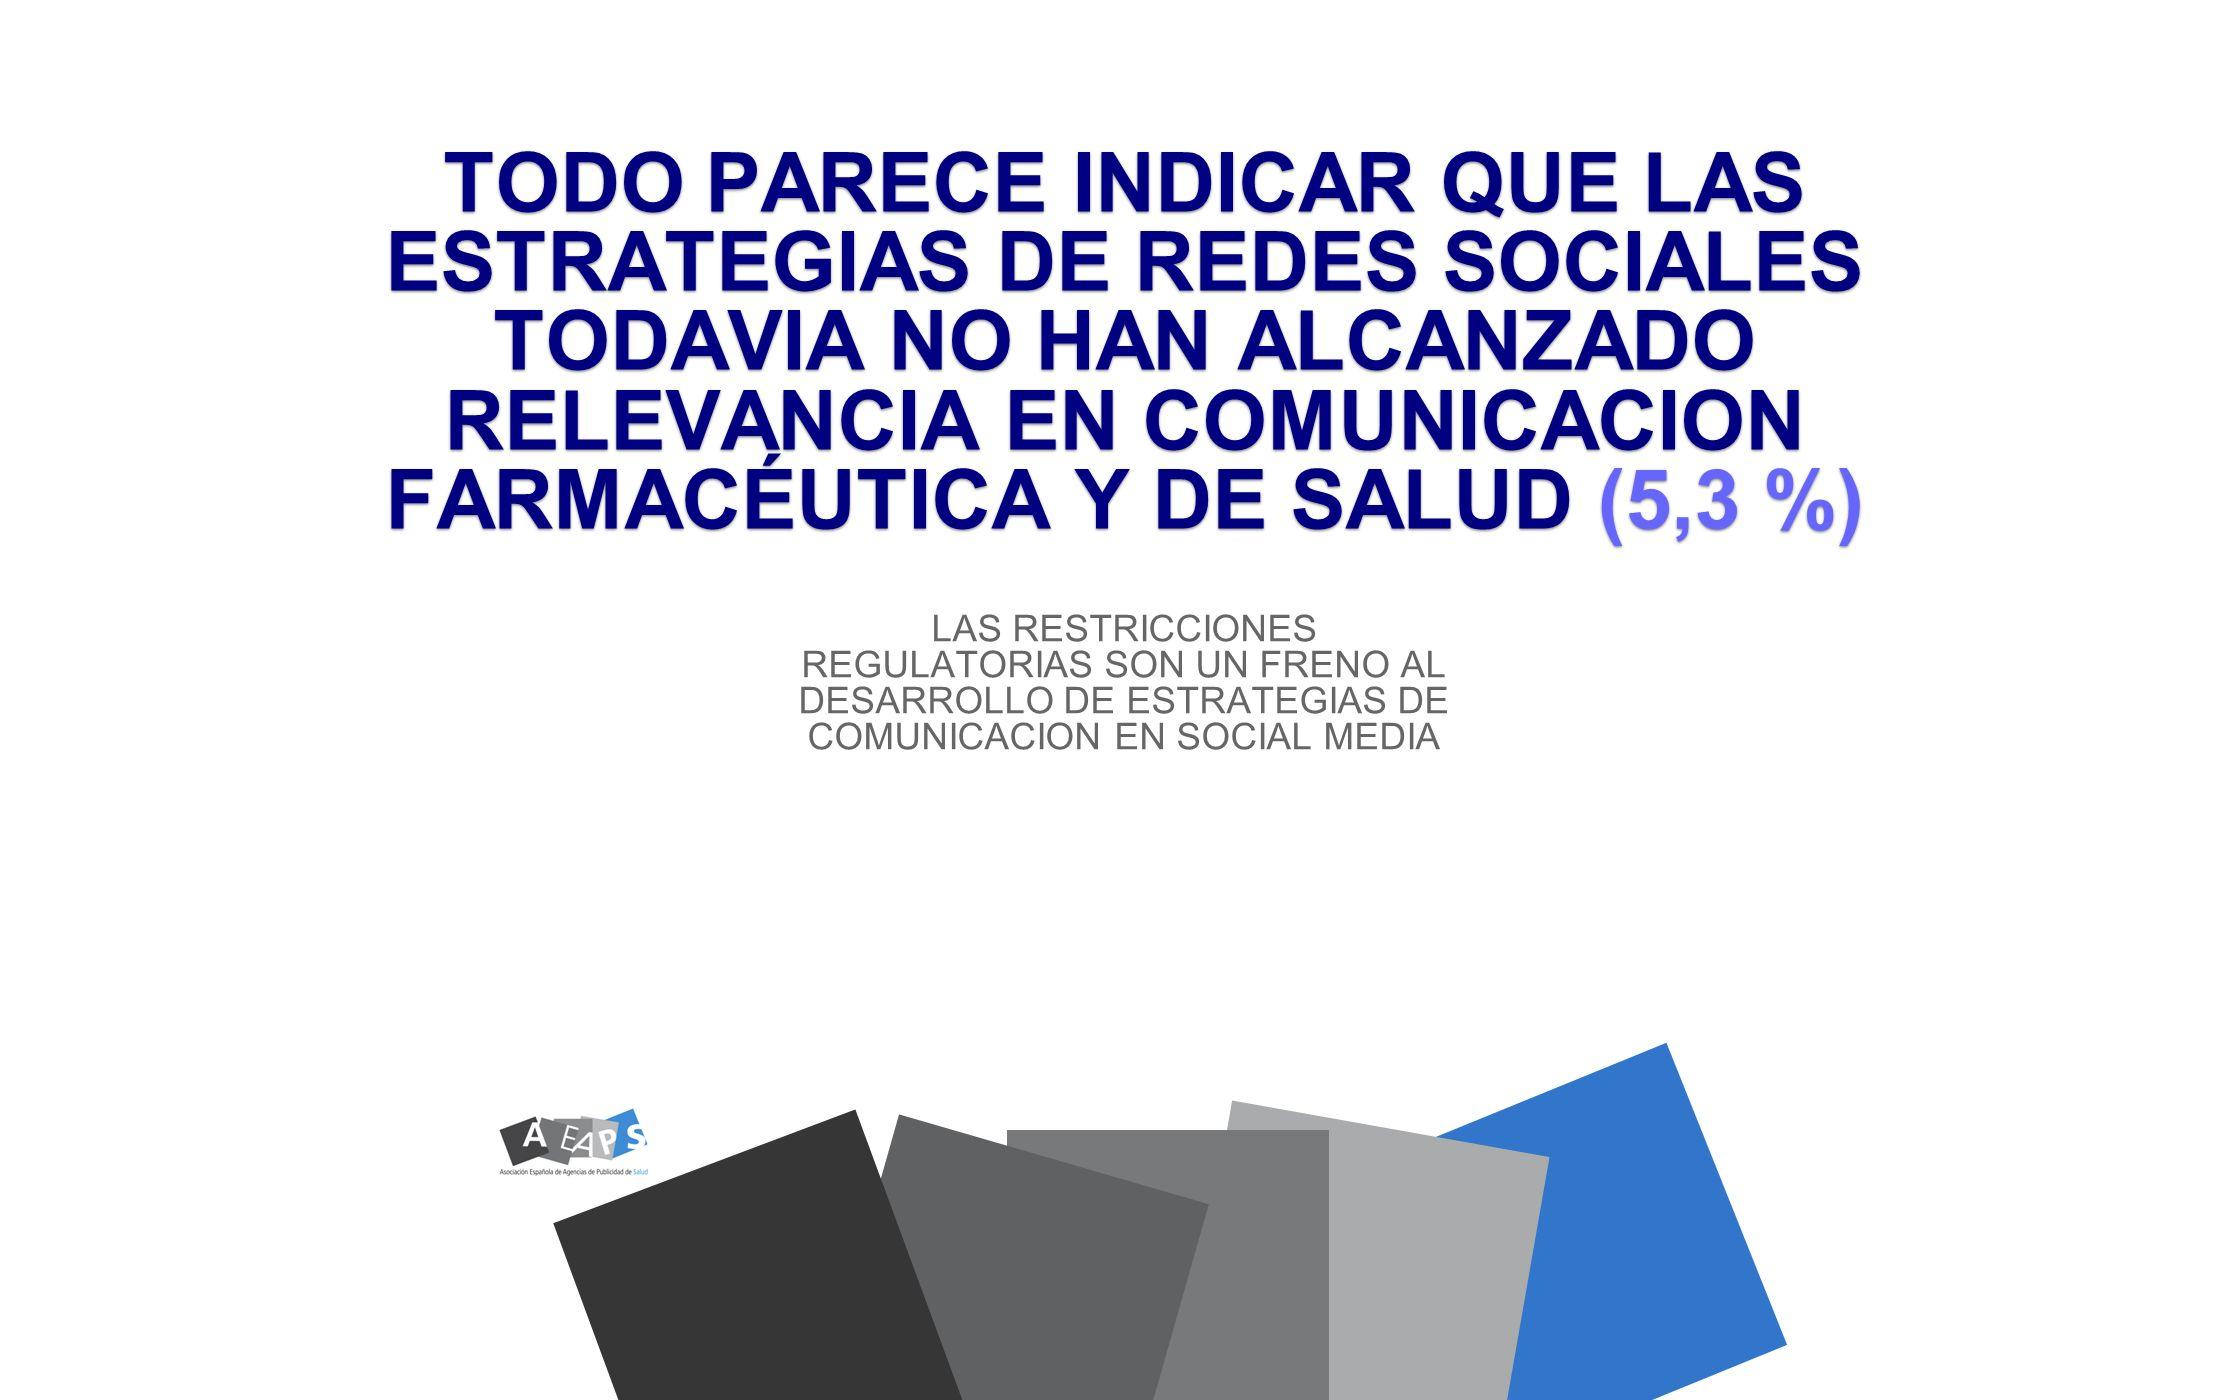 TODO PARECE INDICAR QUE LAS ESTRATEGIAS DE REDES SOCIALES TODAVIA NO HAN ALCANZADO RELEVANCIA EN COMUNICACION FARMACÉUTICA Y DE SALUD (5,3 %)